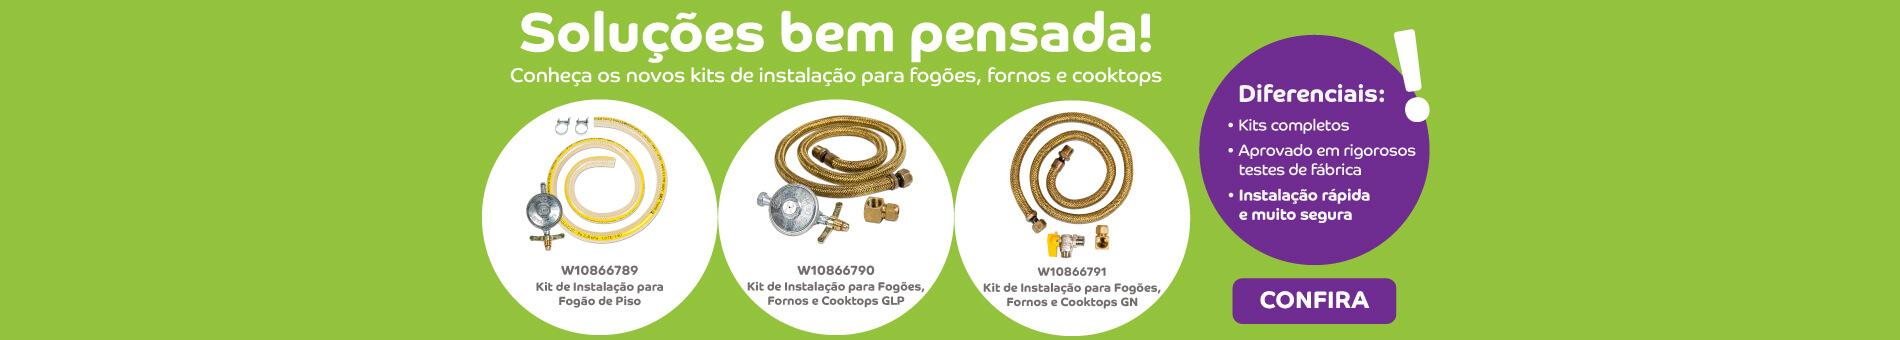 Promoção Interna - 570 - pecasdereposicao_kitcoccao_categoria_12072016 - kitcoccao - 1